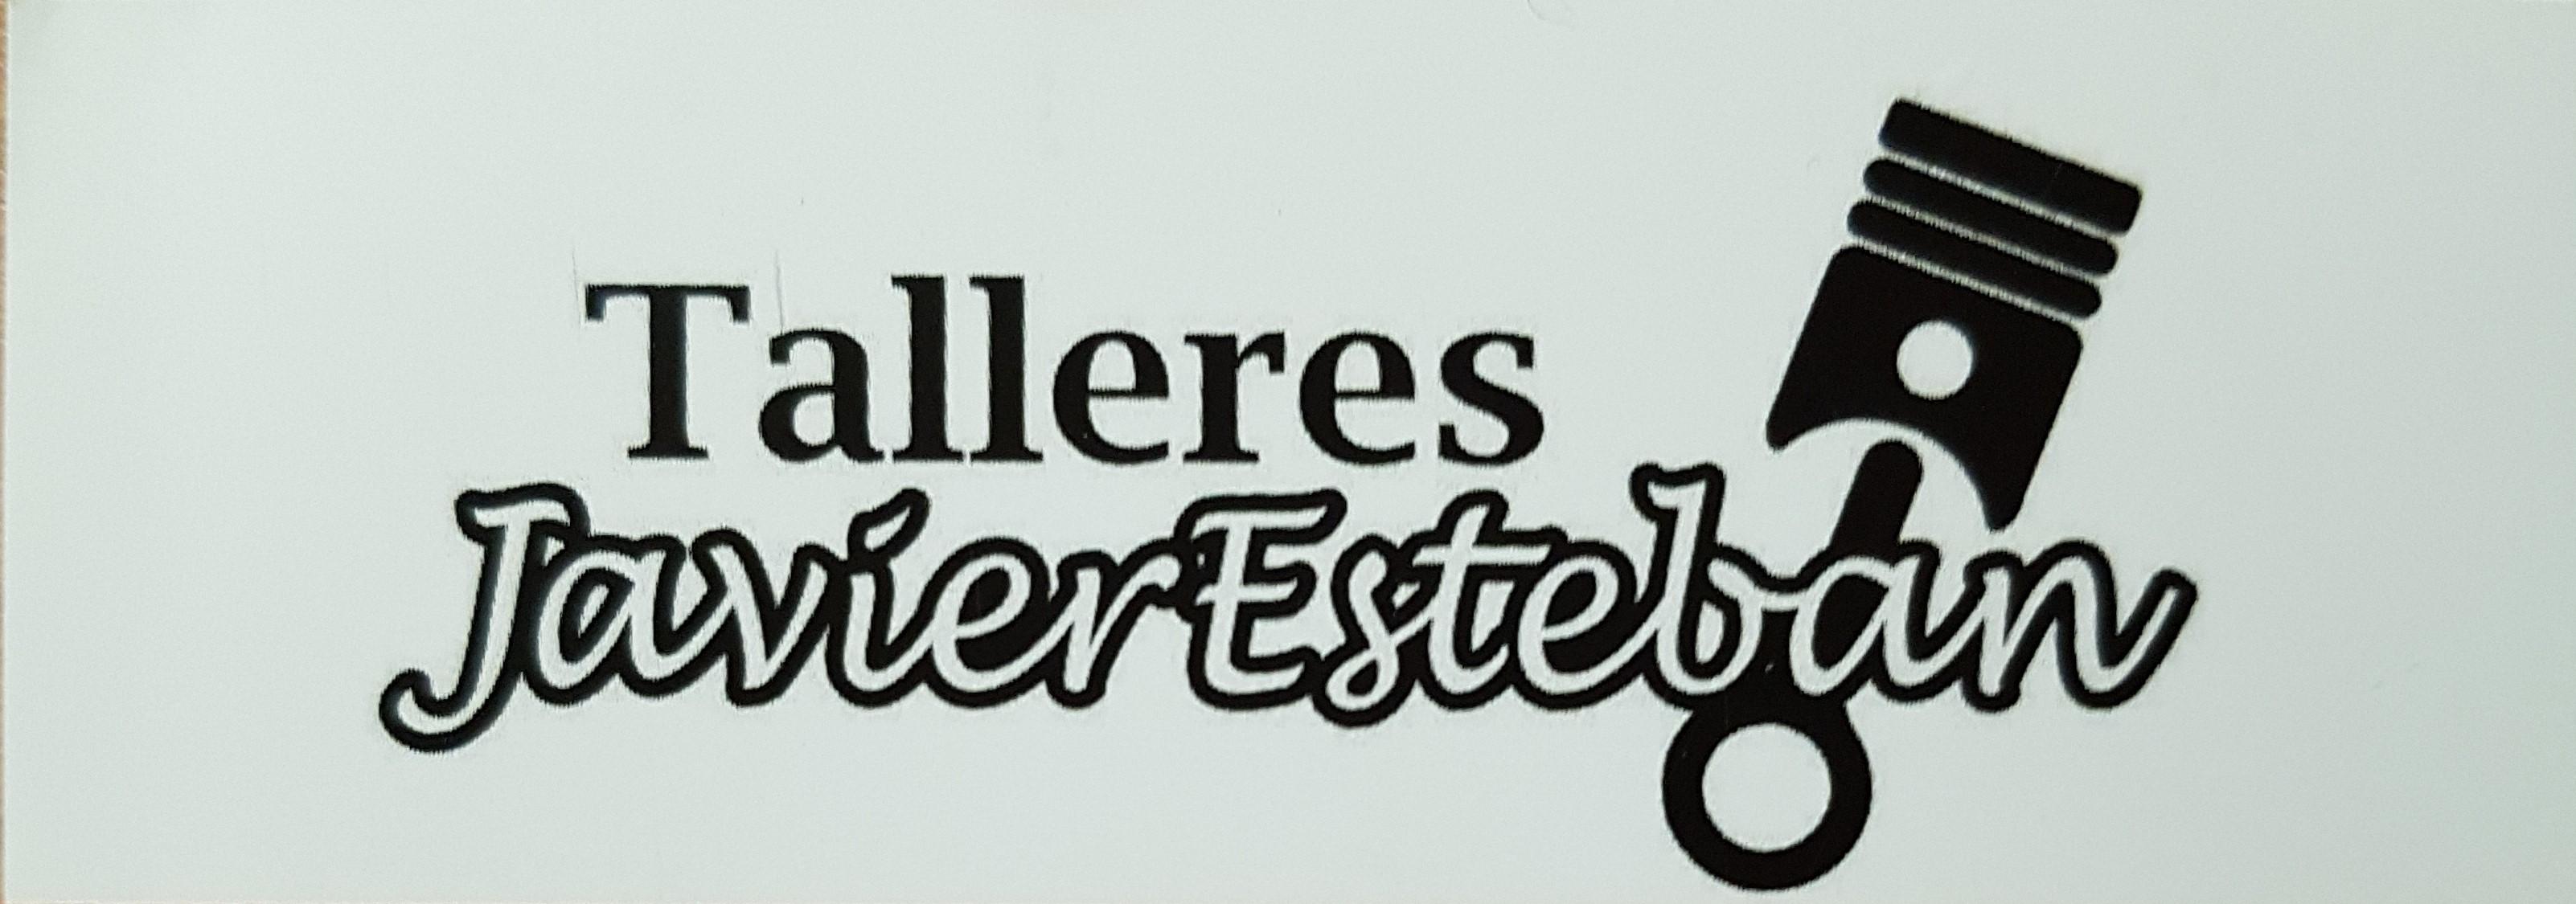 Talleres Javier Esteban